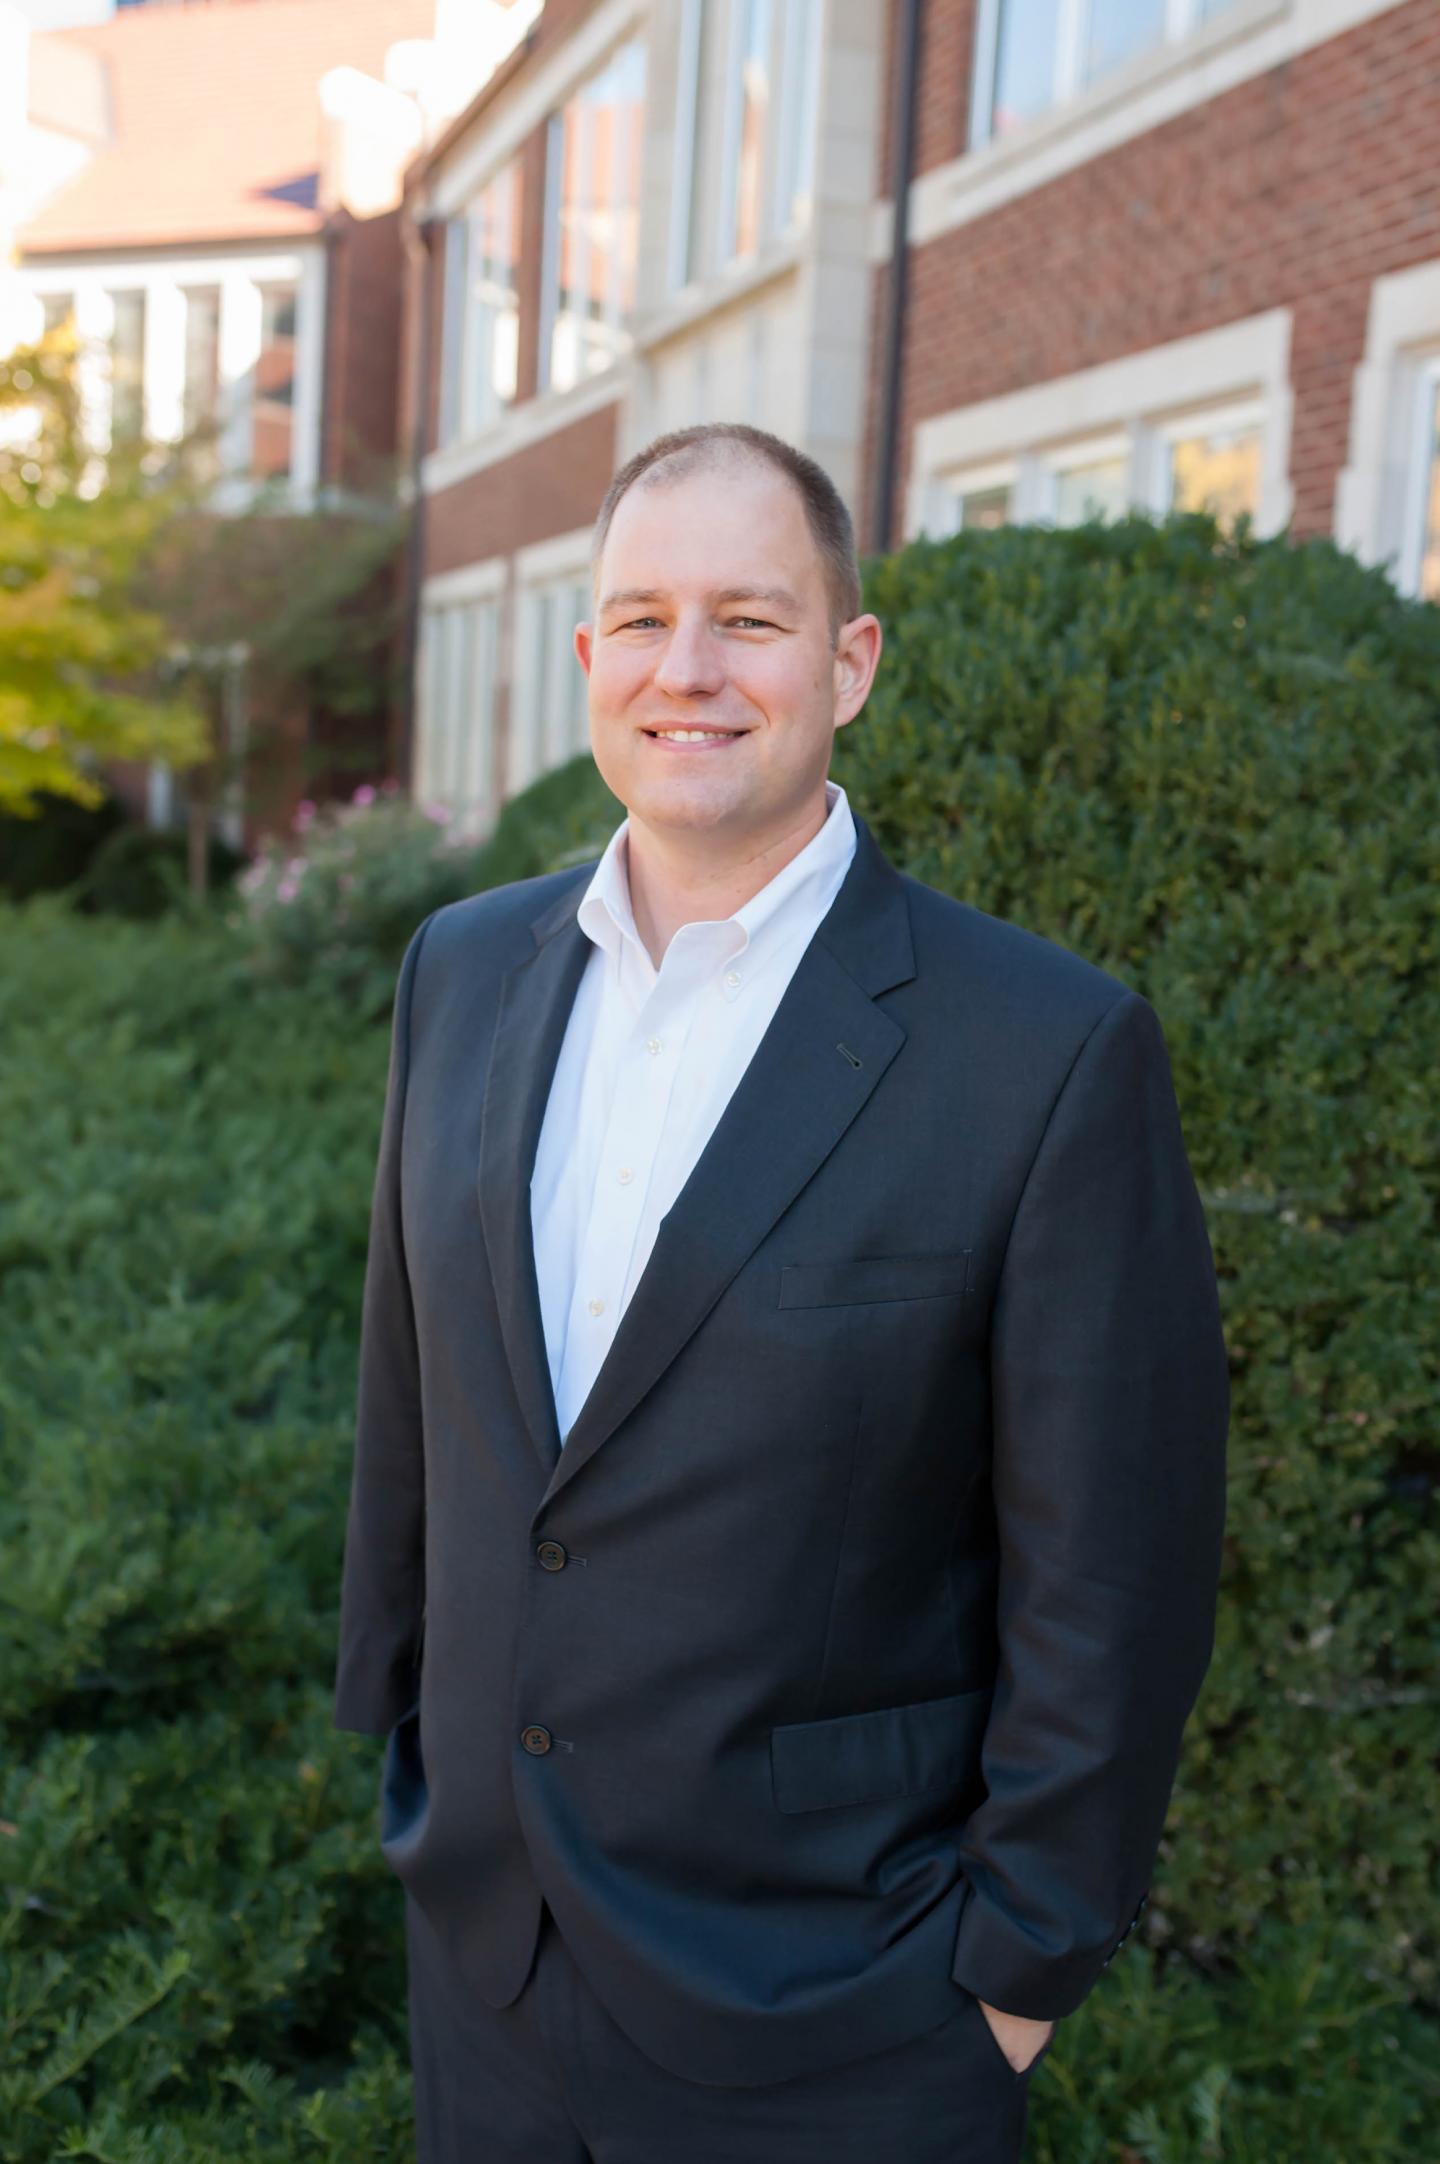 Matt Harris, University of Tennessee at Knoxville